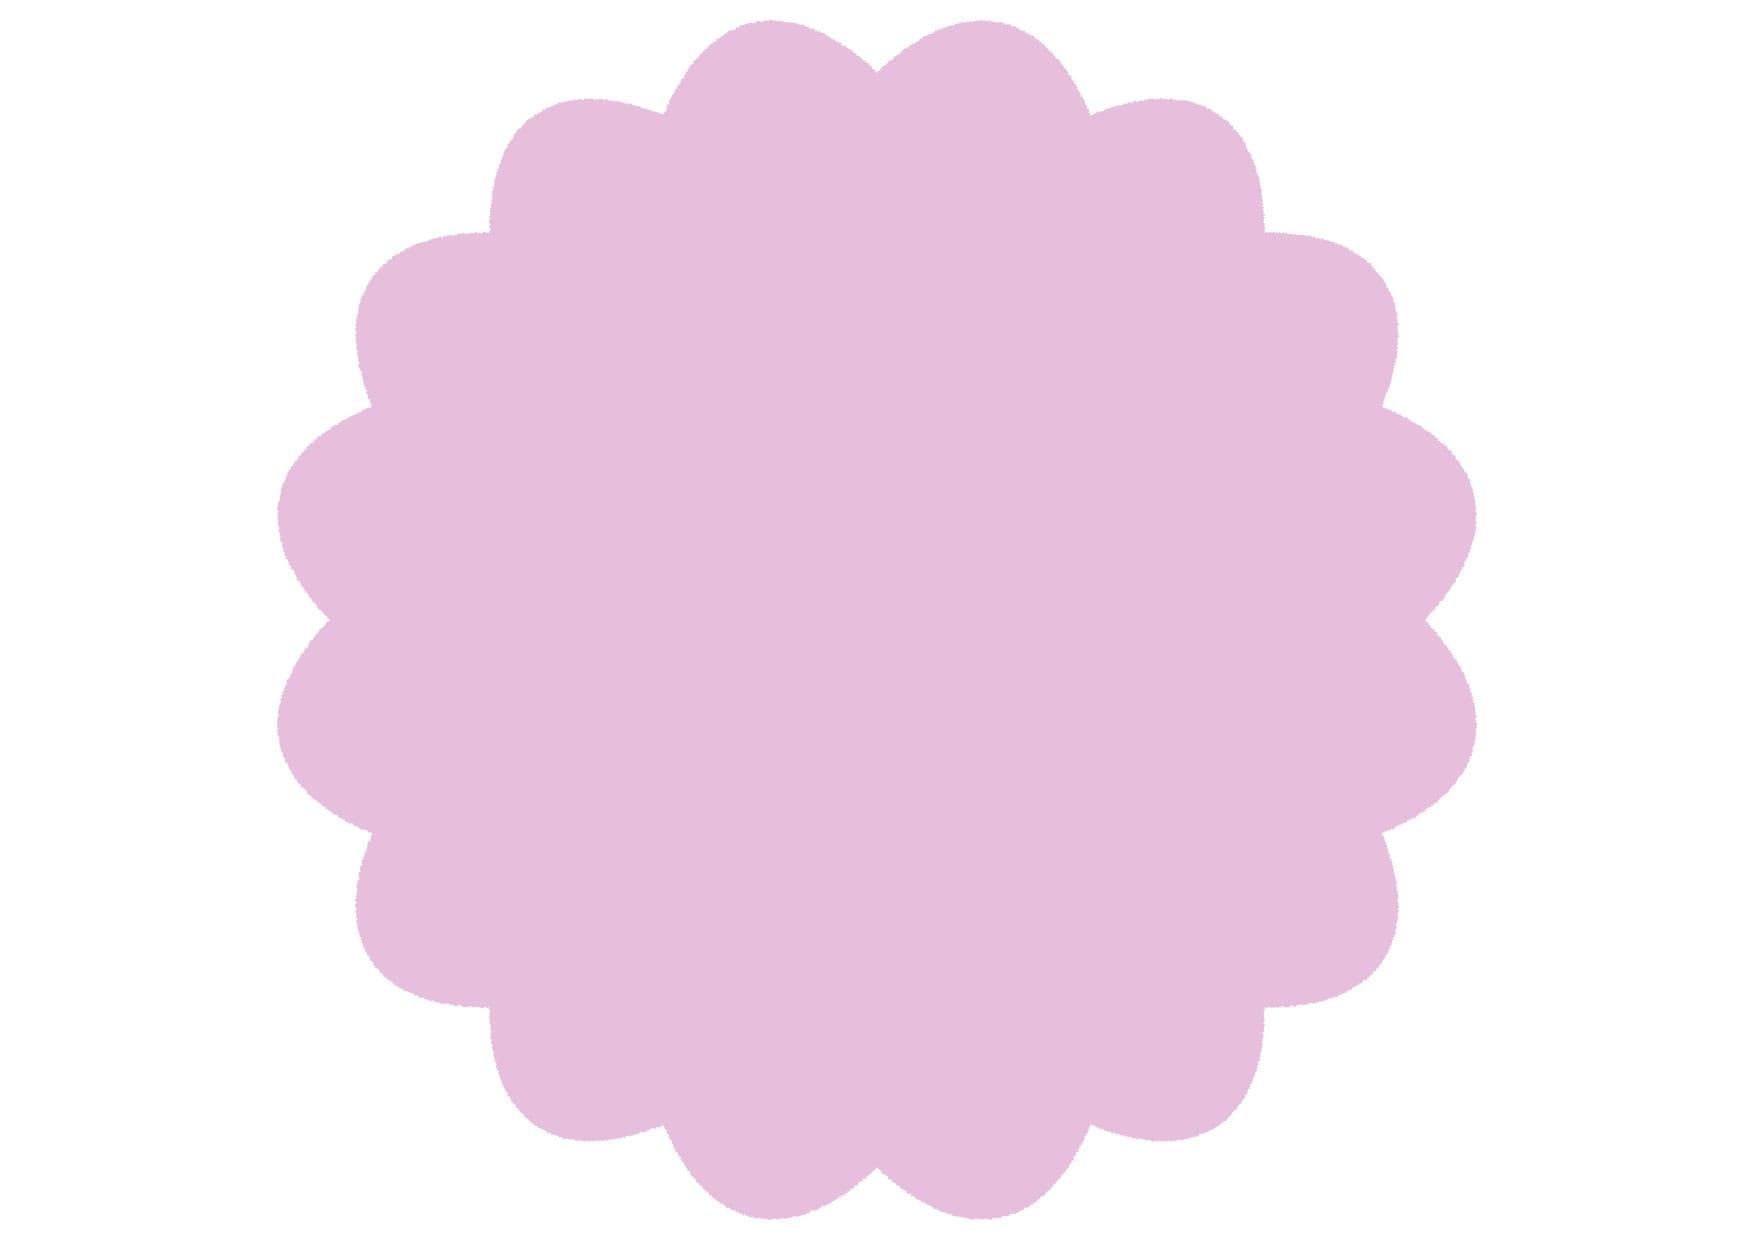 可愛いイラスト無料|シンプル やわらかい フレーム 紫色 − free illustration  Simple soft frame purple